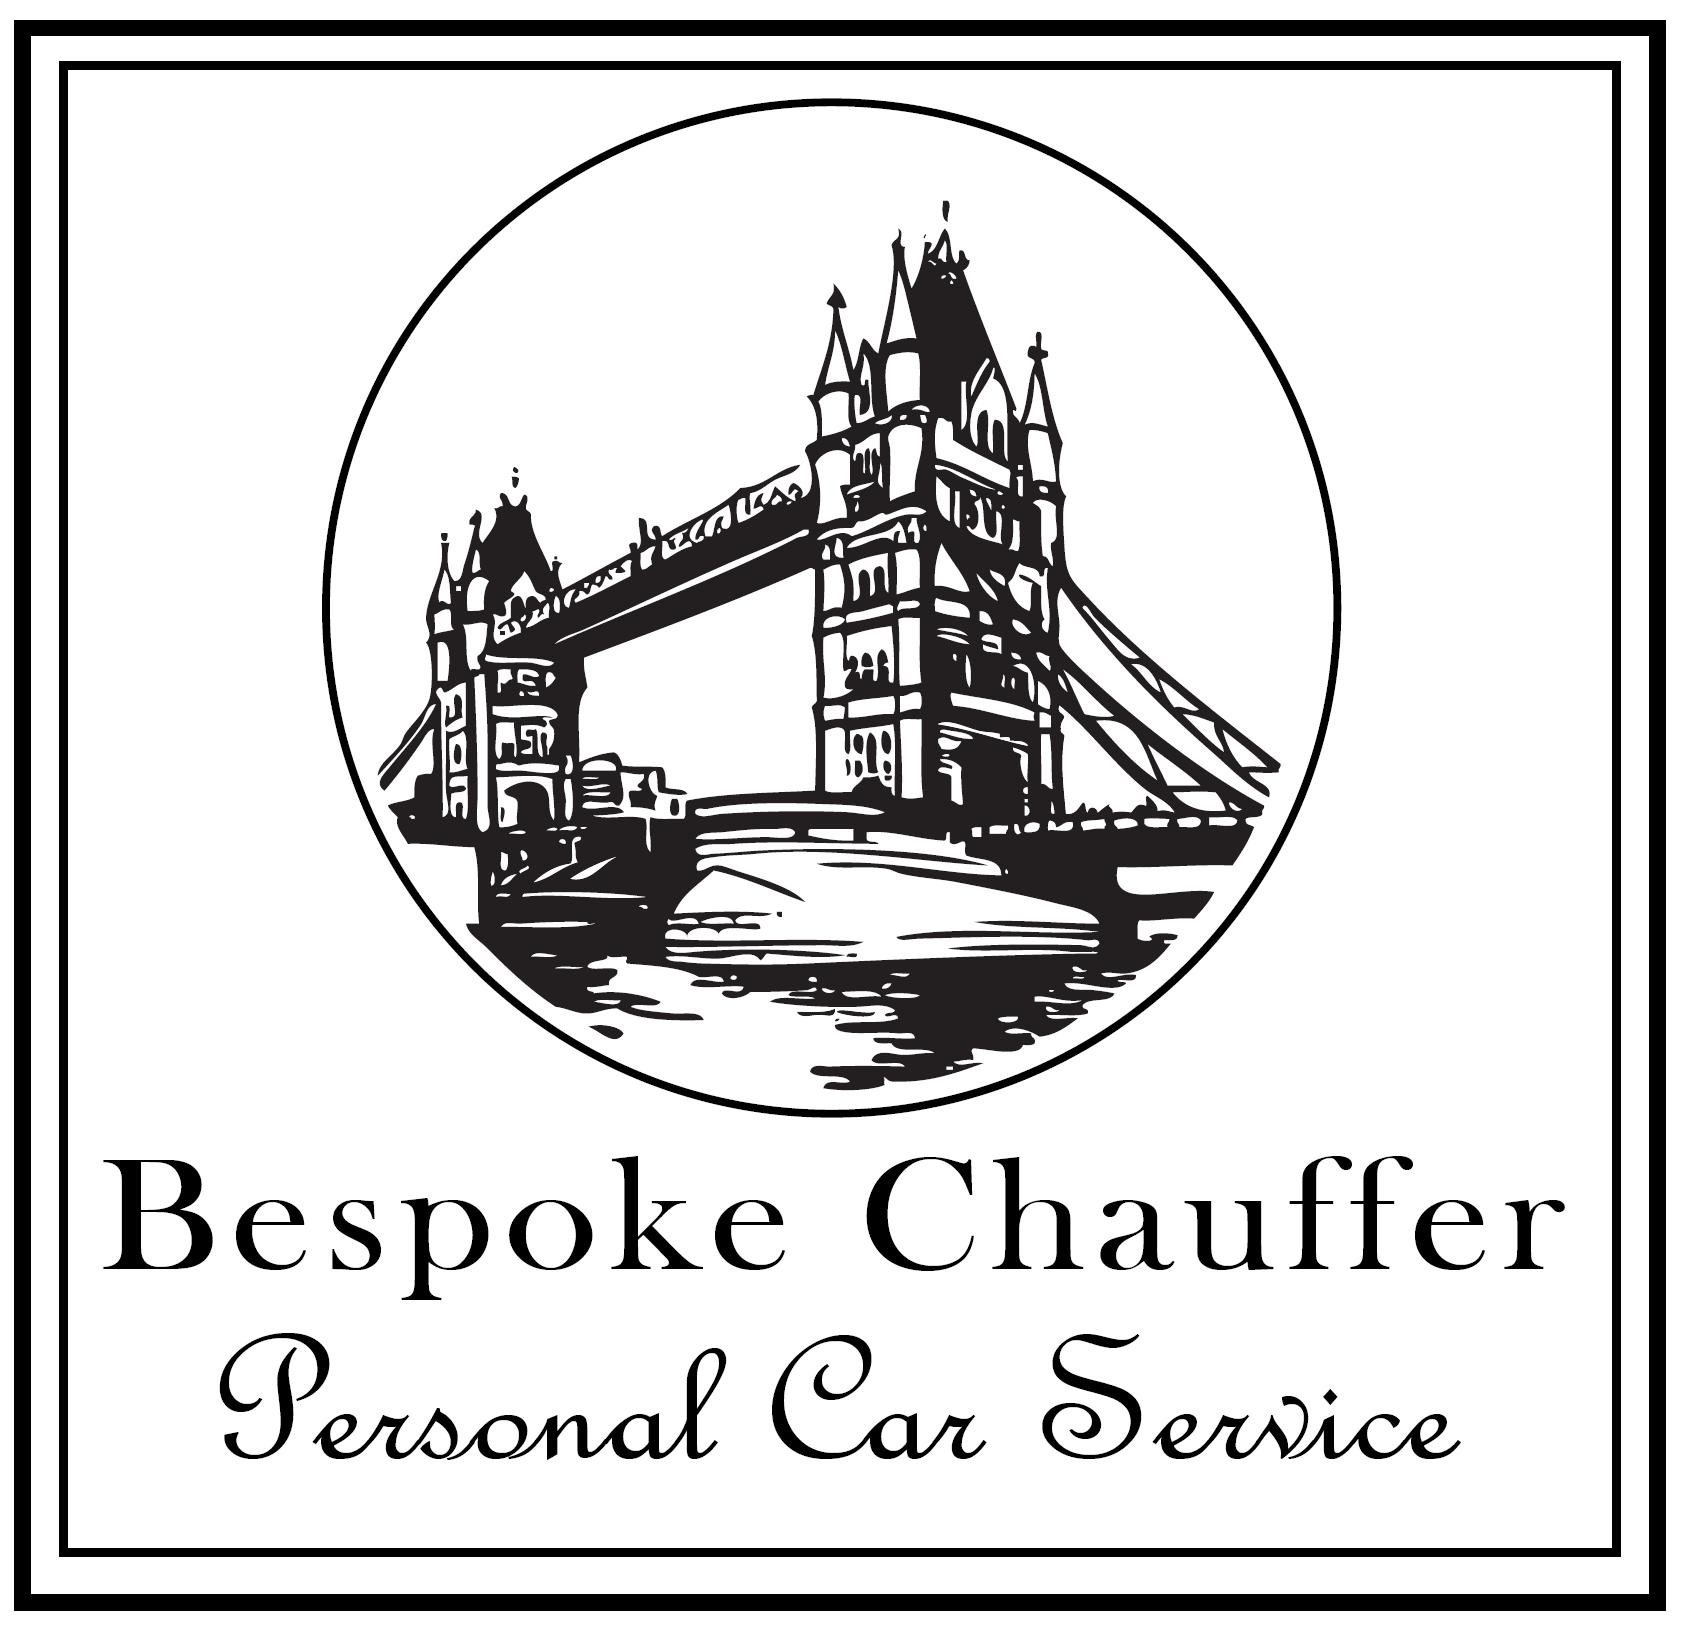 Bespoke Chauffer Logo